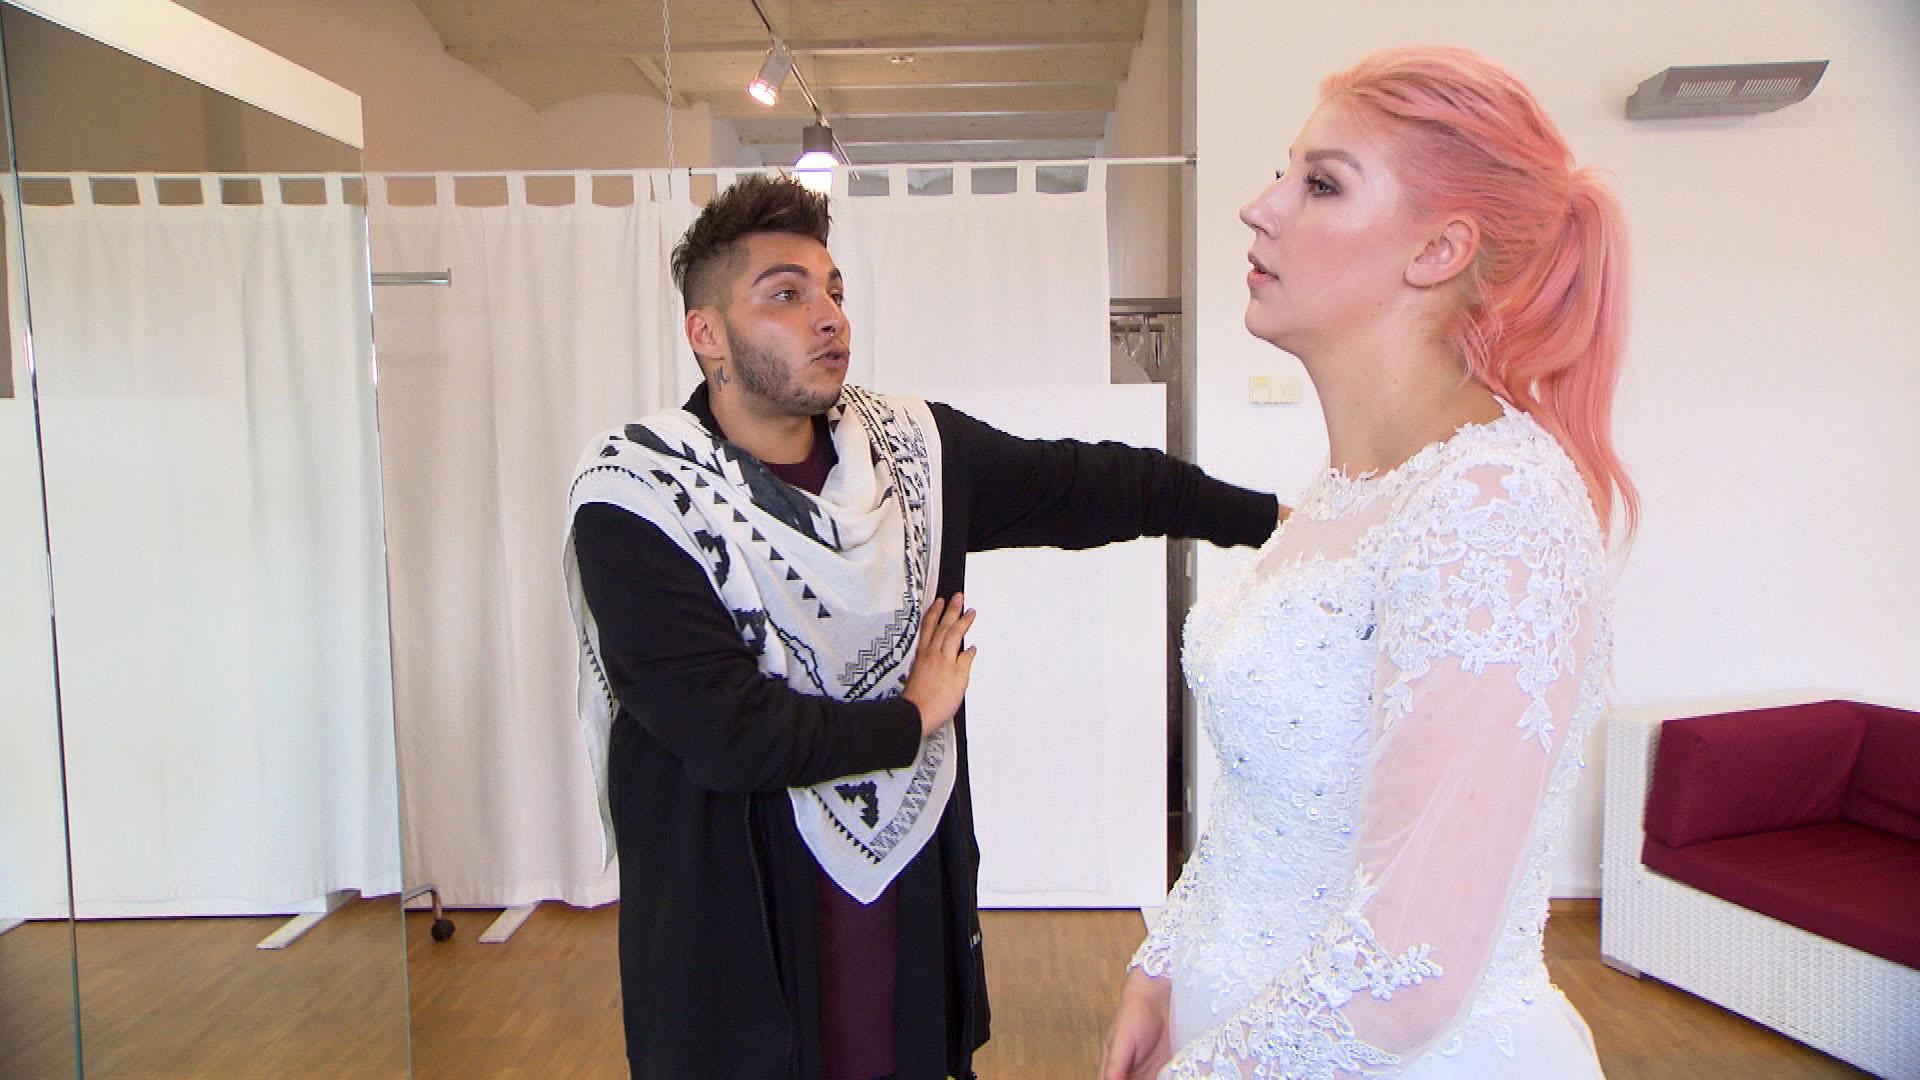 Paula ist hin und weg, als Rick ein Brautkleid entdeckt, das perfekt zu ihr passt. Obwohl das Kleid viel zu teuer für Paula ist, will Rick sie zum Kauf überreden. (Quelle: RTL 2)